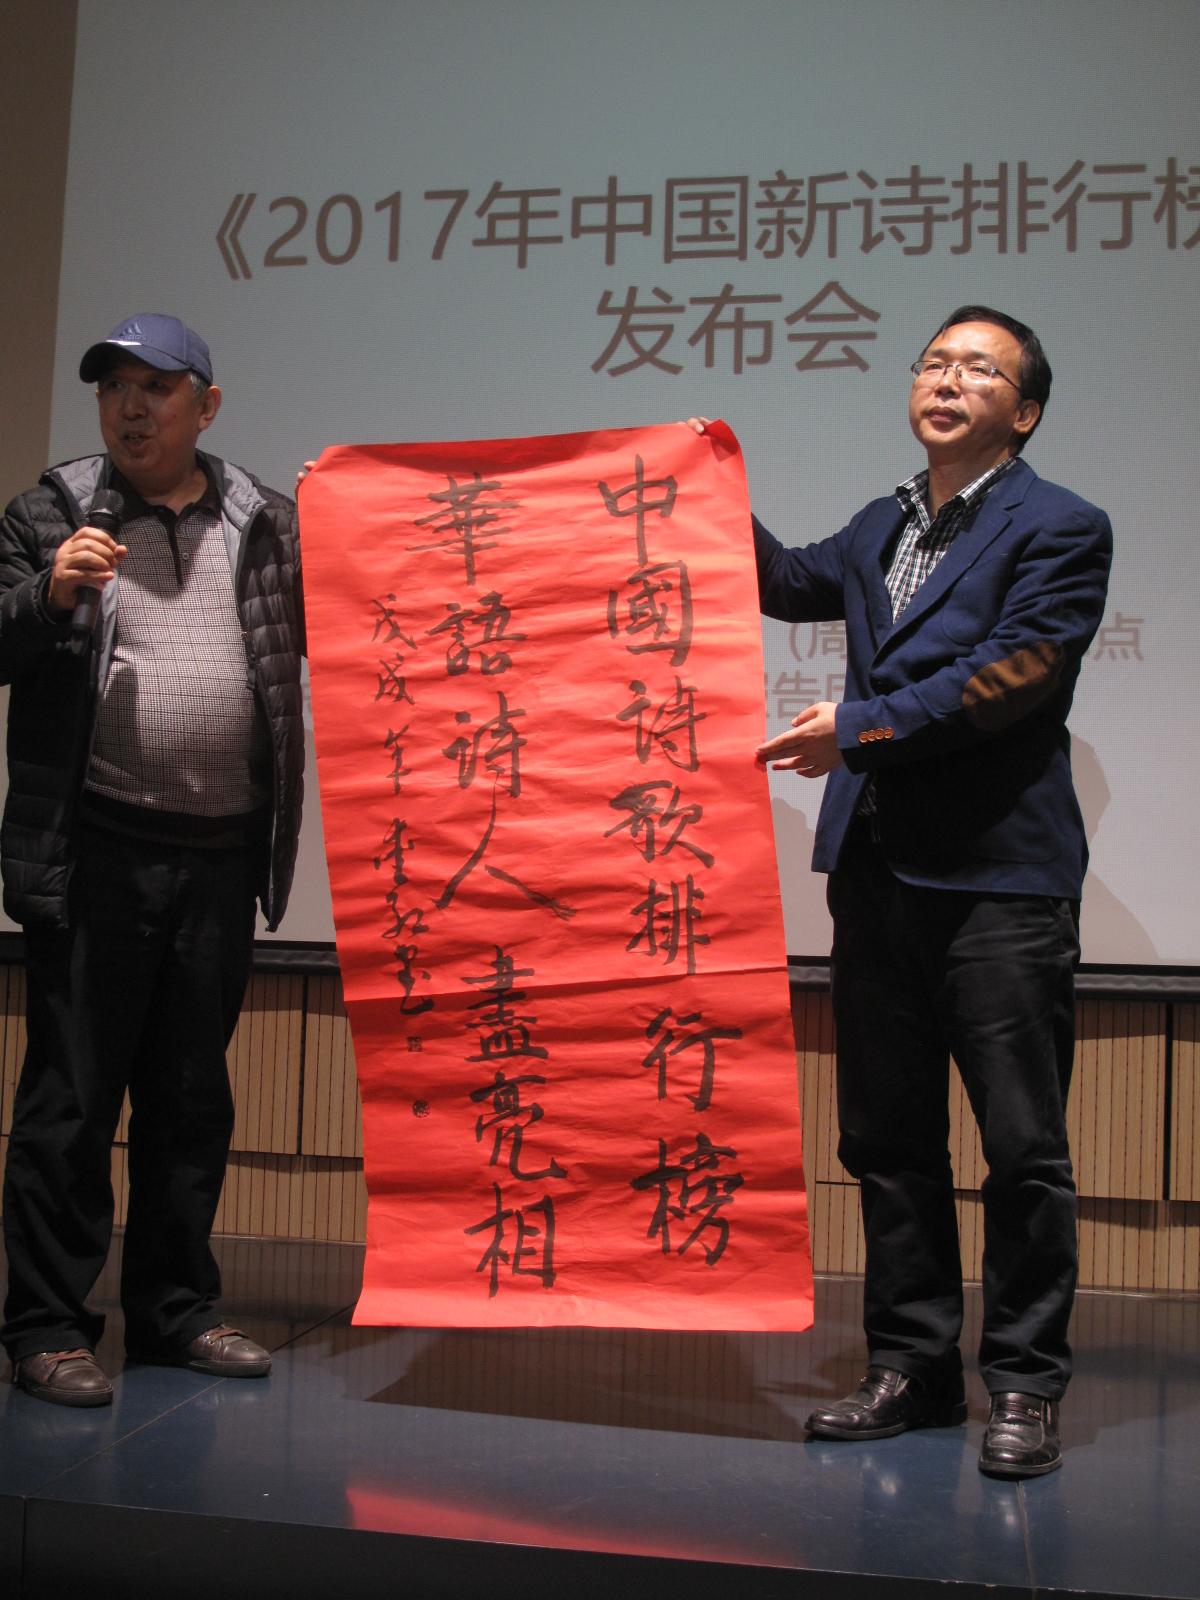 11、诗人王爱红为新诗排行榜发布会献上书法作品.JPG